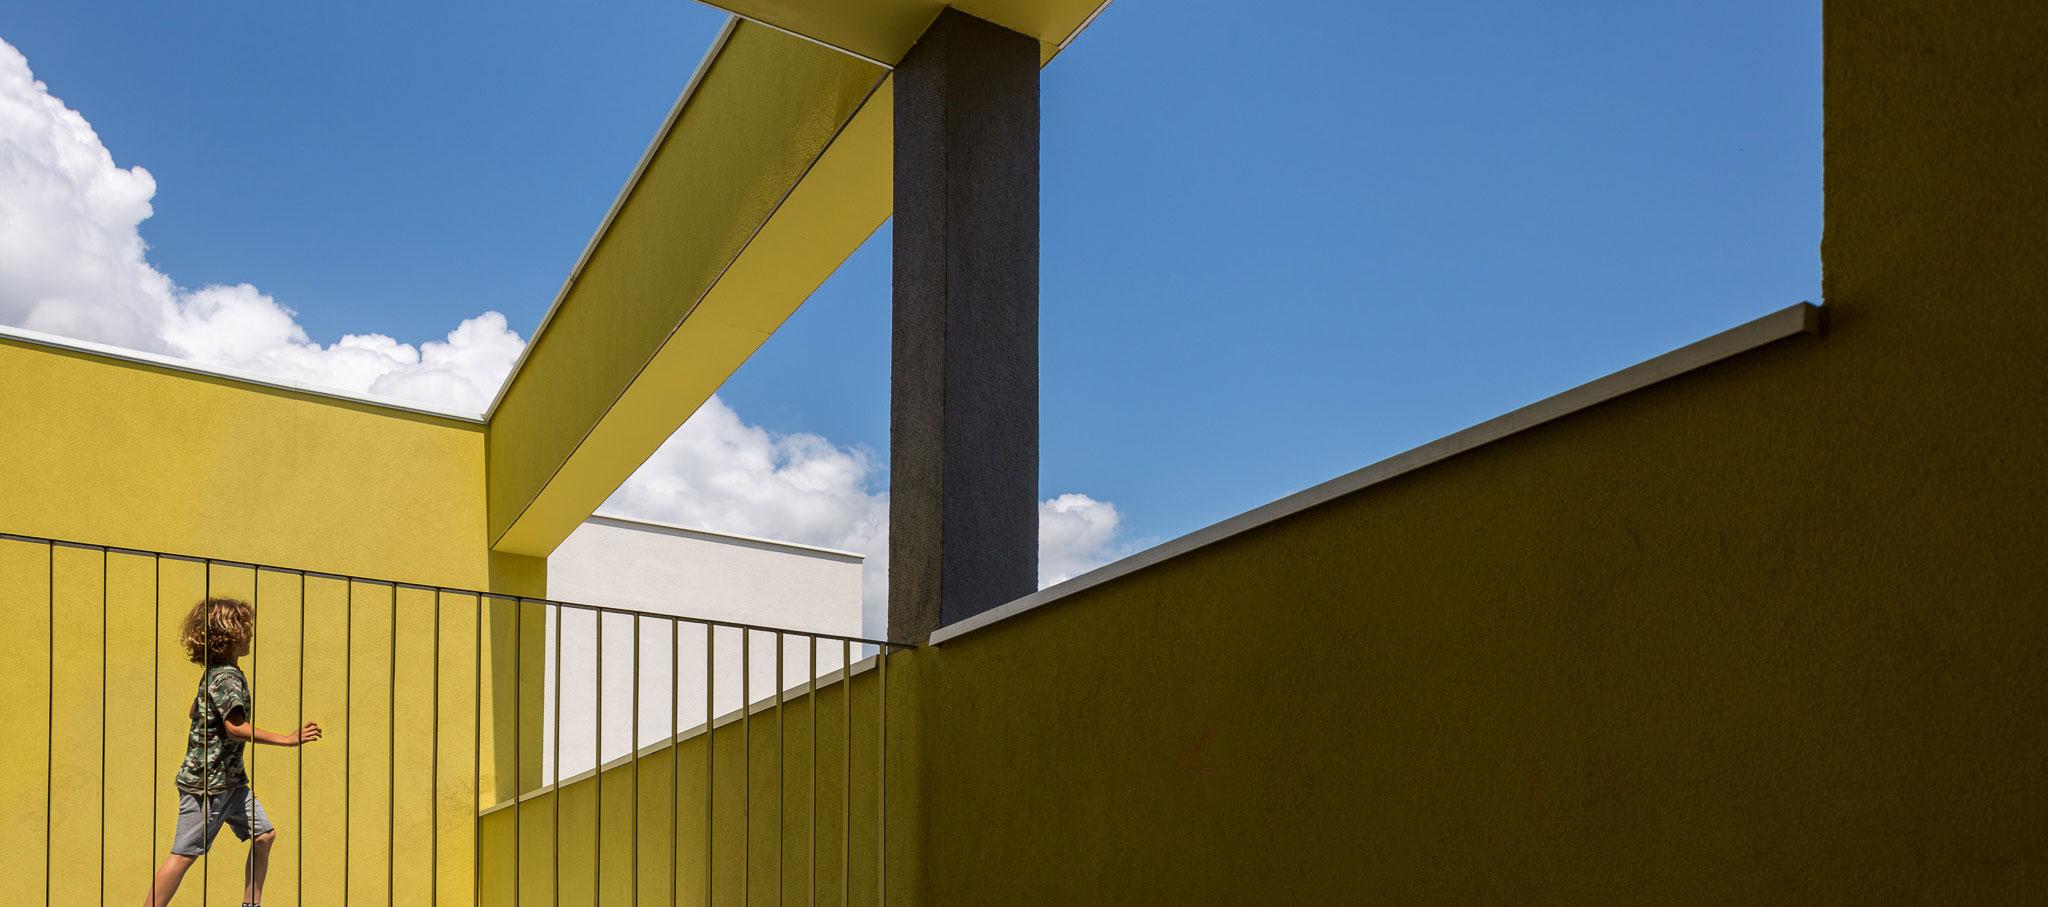 Soler de Vilardell por FORGAS Arquitectes. Fotografía por Simón García